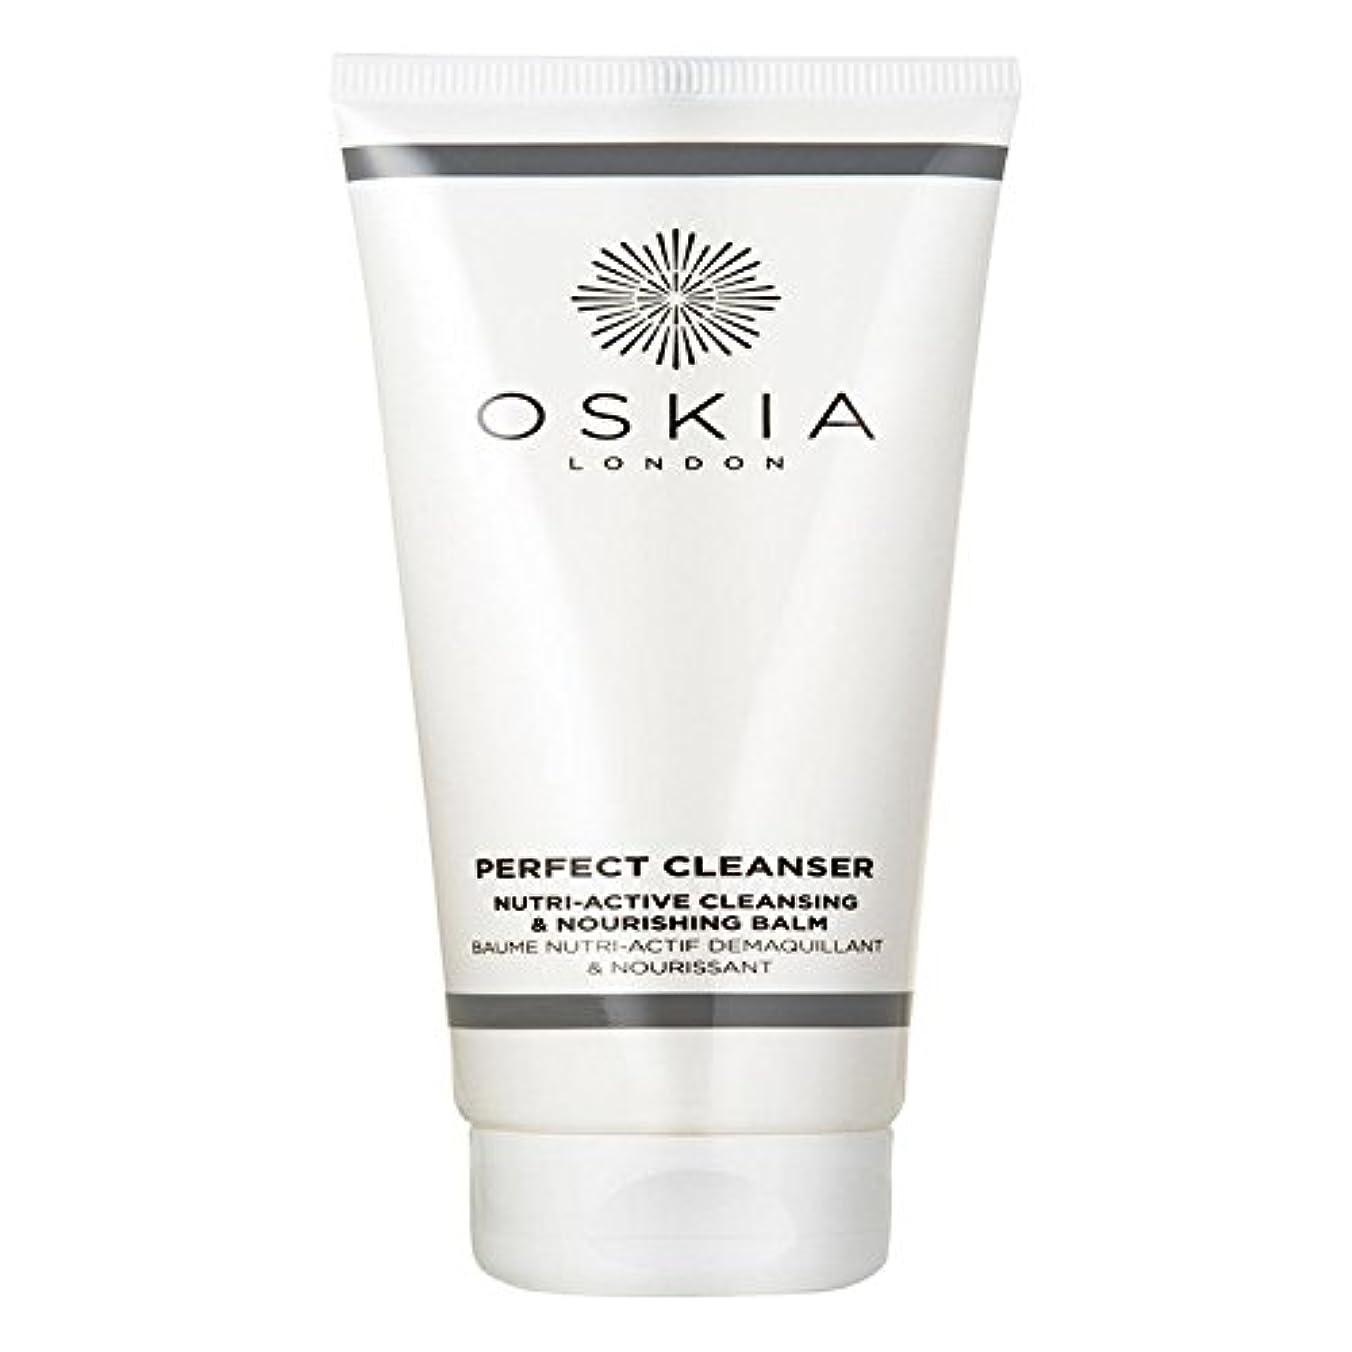 キャップ改善する却下するOSKIA Perfect Cleanser 125ml (Pack of 6) - 完璧なクレンザー125ミリリットル x6 [並行輸入品]